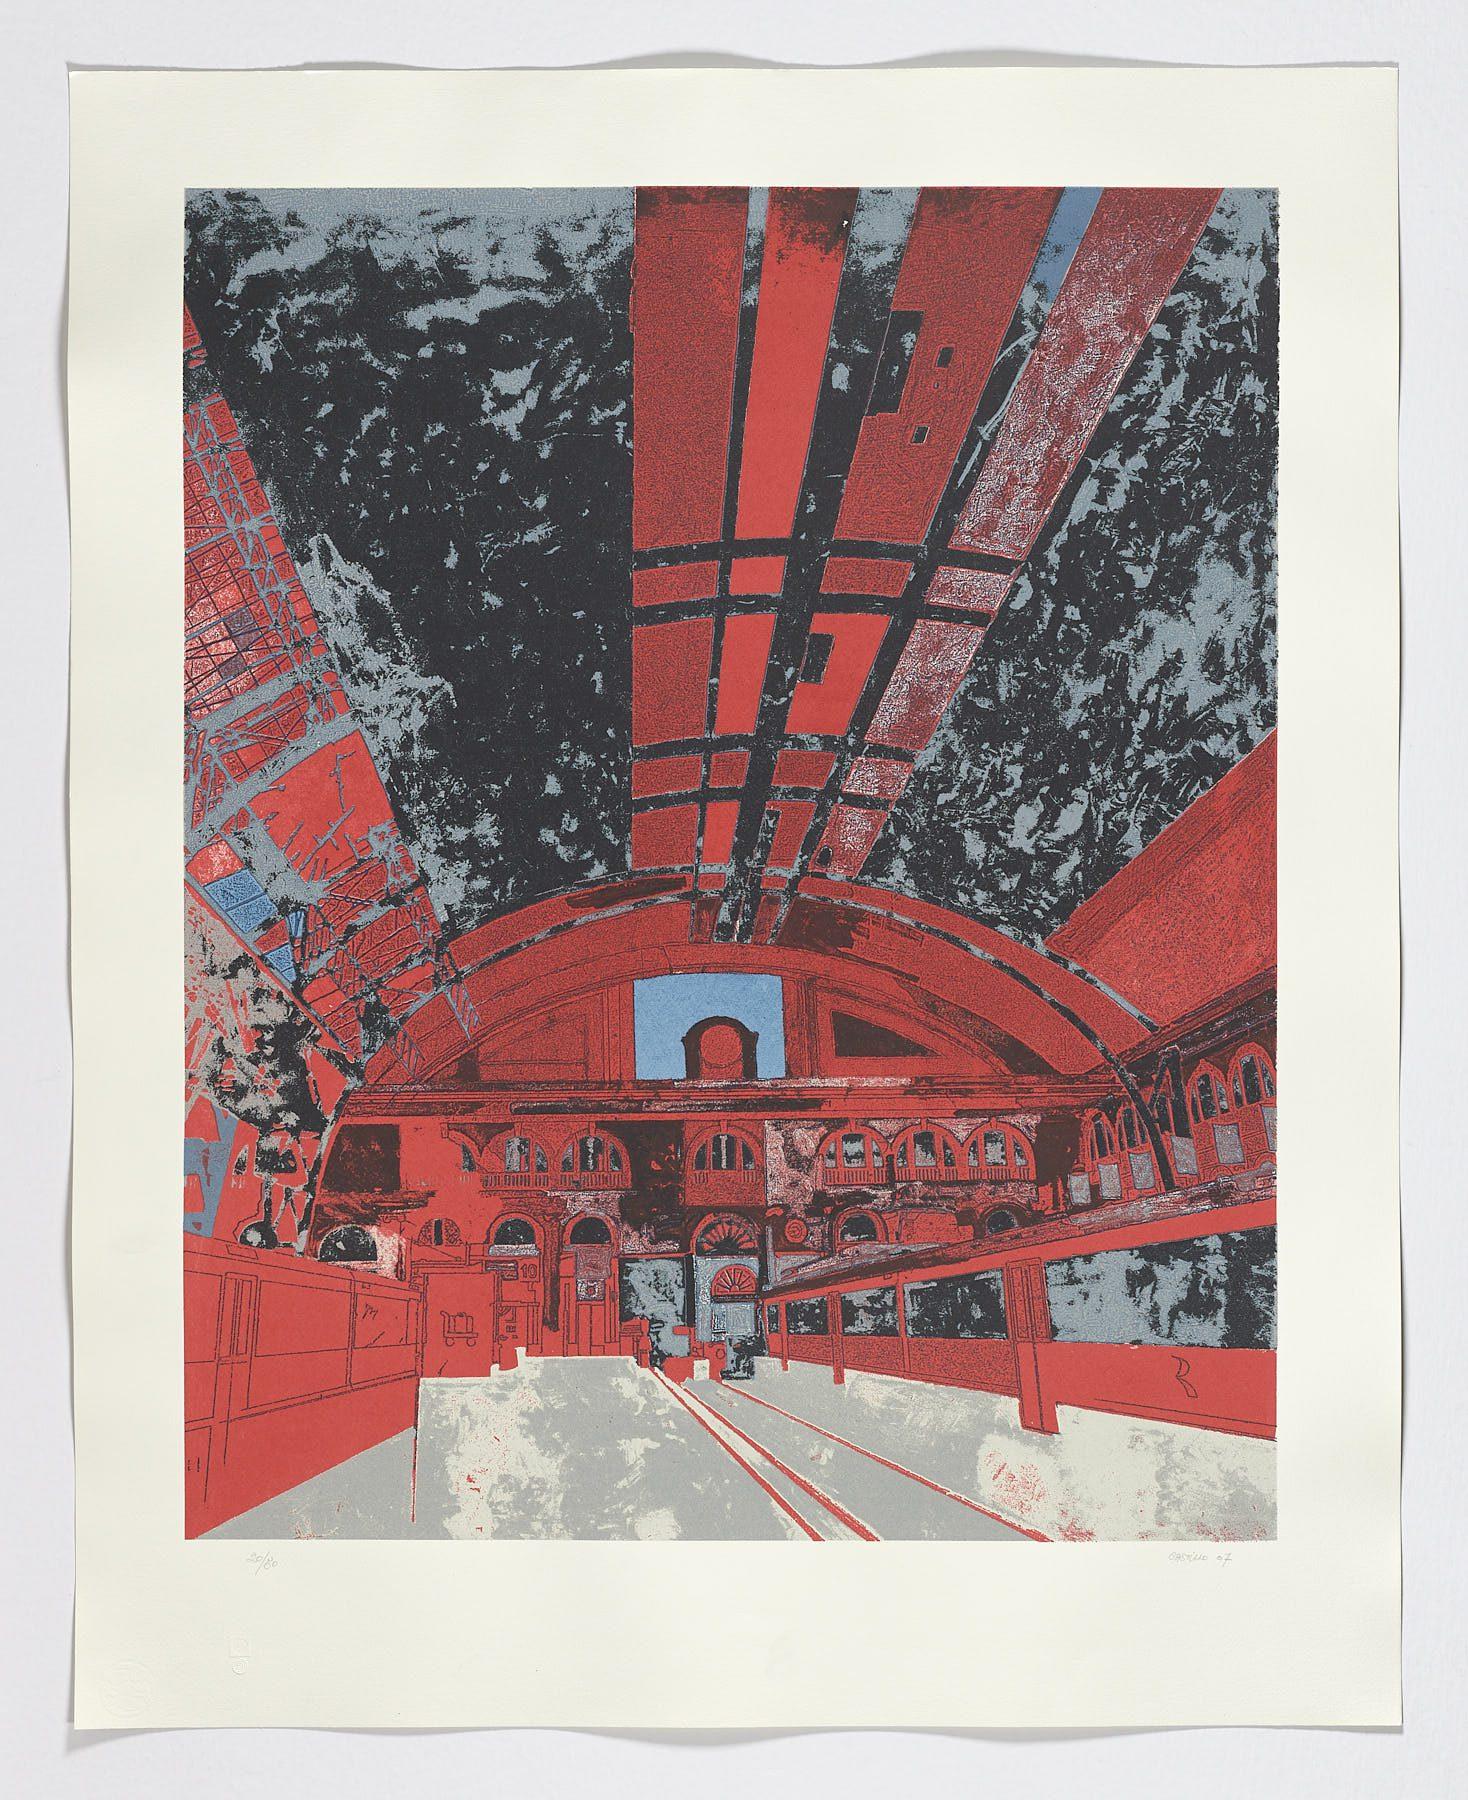 Estación de Francia (versión 1), 2007, Jorge Castillo